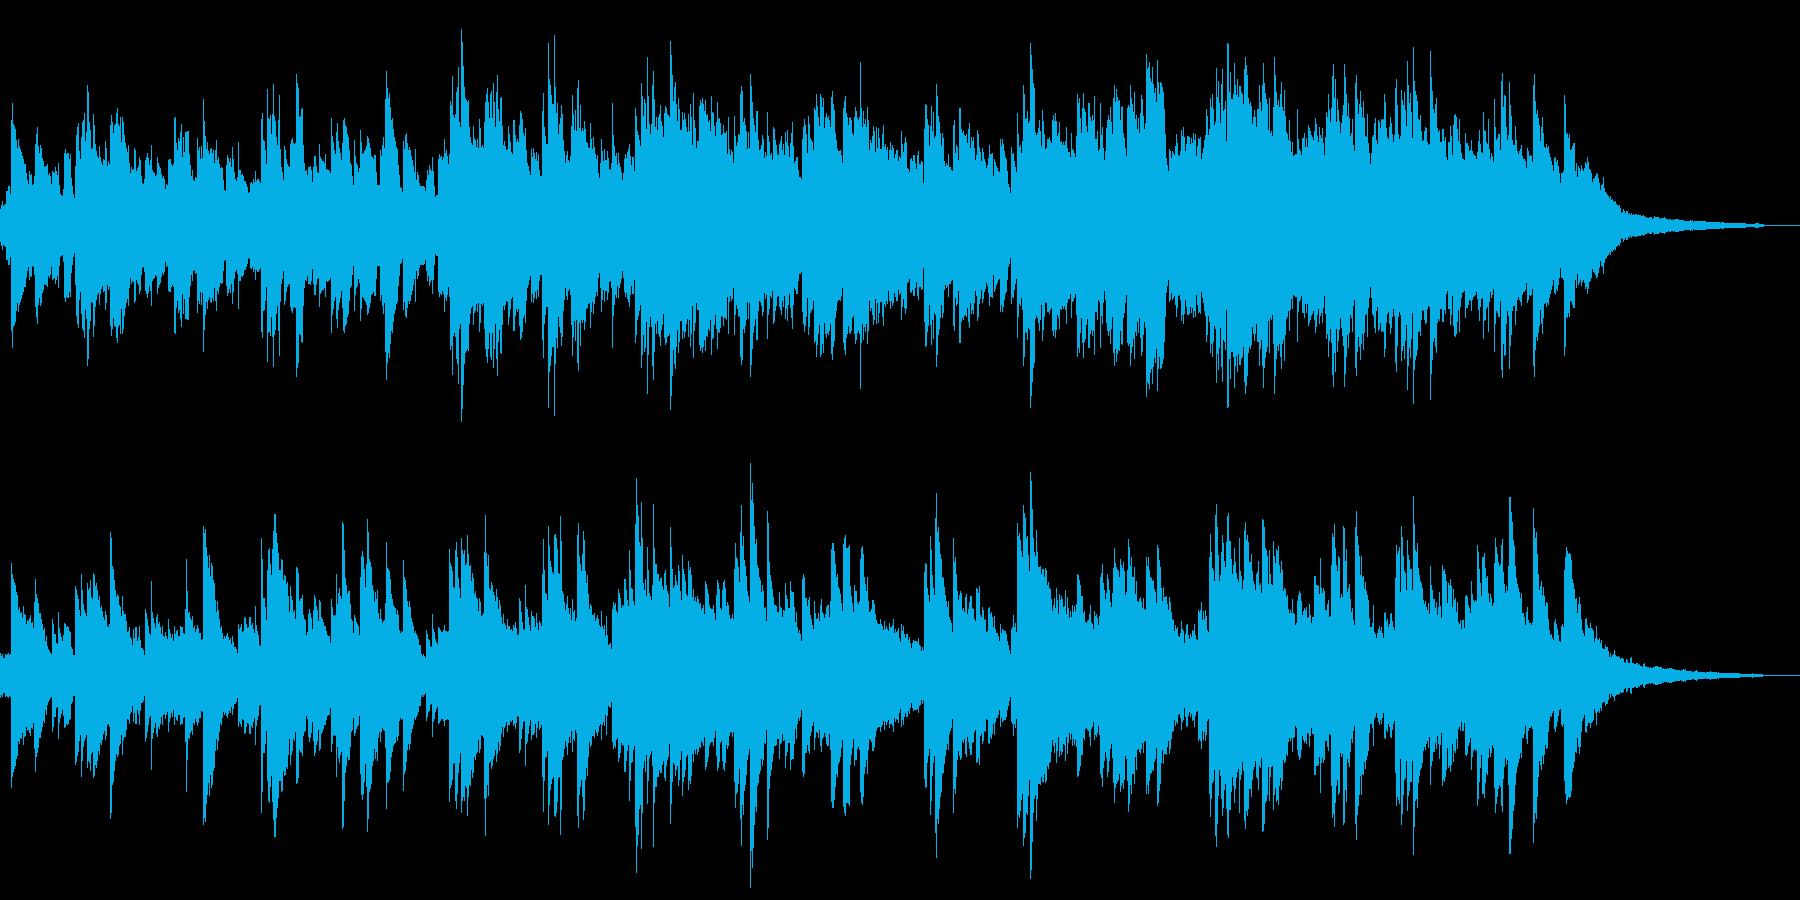 【ピアノソロ】瞑想穏やか優しい日常切ないの再生済みの波形